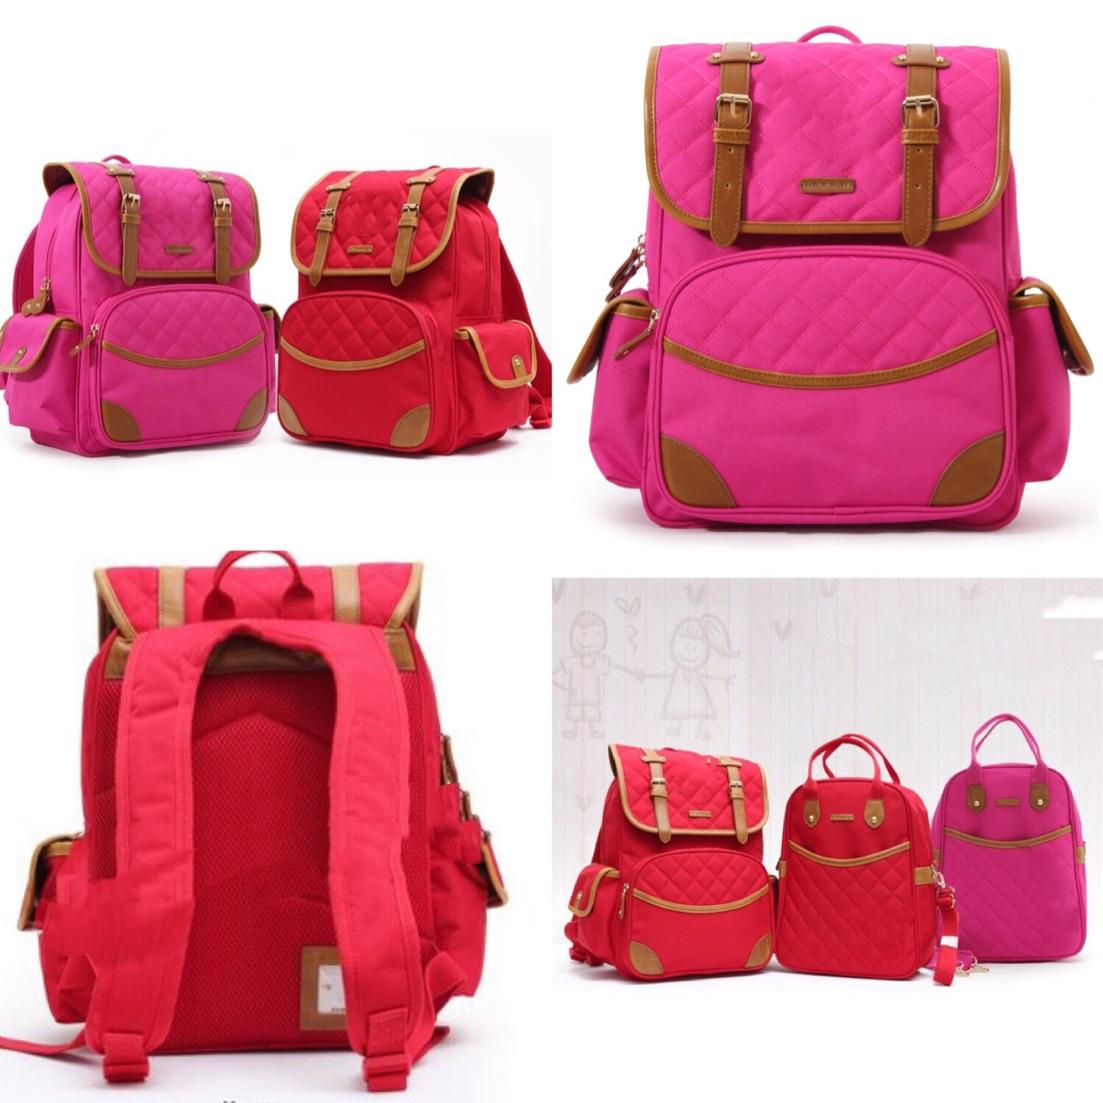 Ребенок рюкзак ученик портфель девочки посланник ридикюль 2 наборы 565370694568